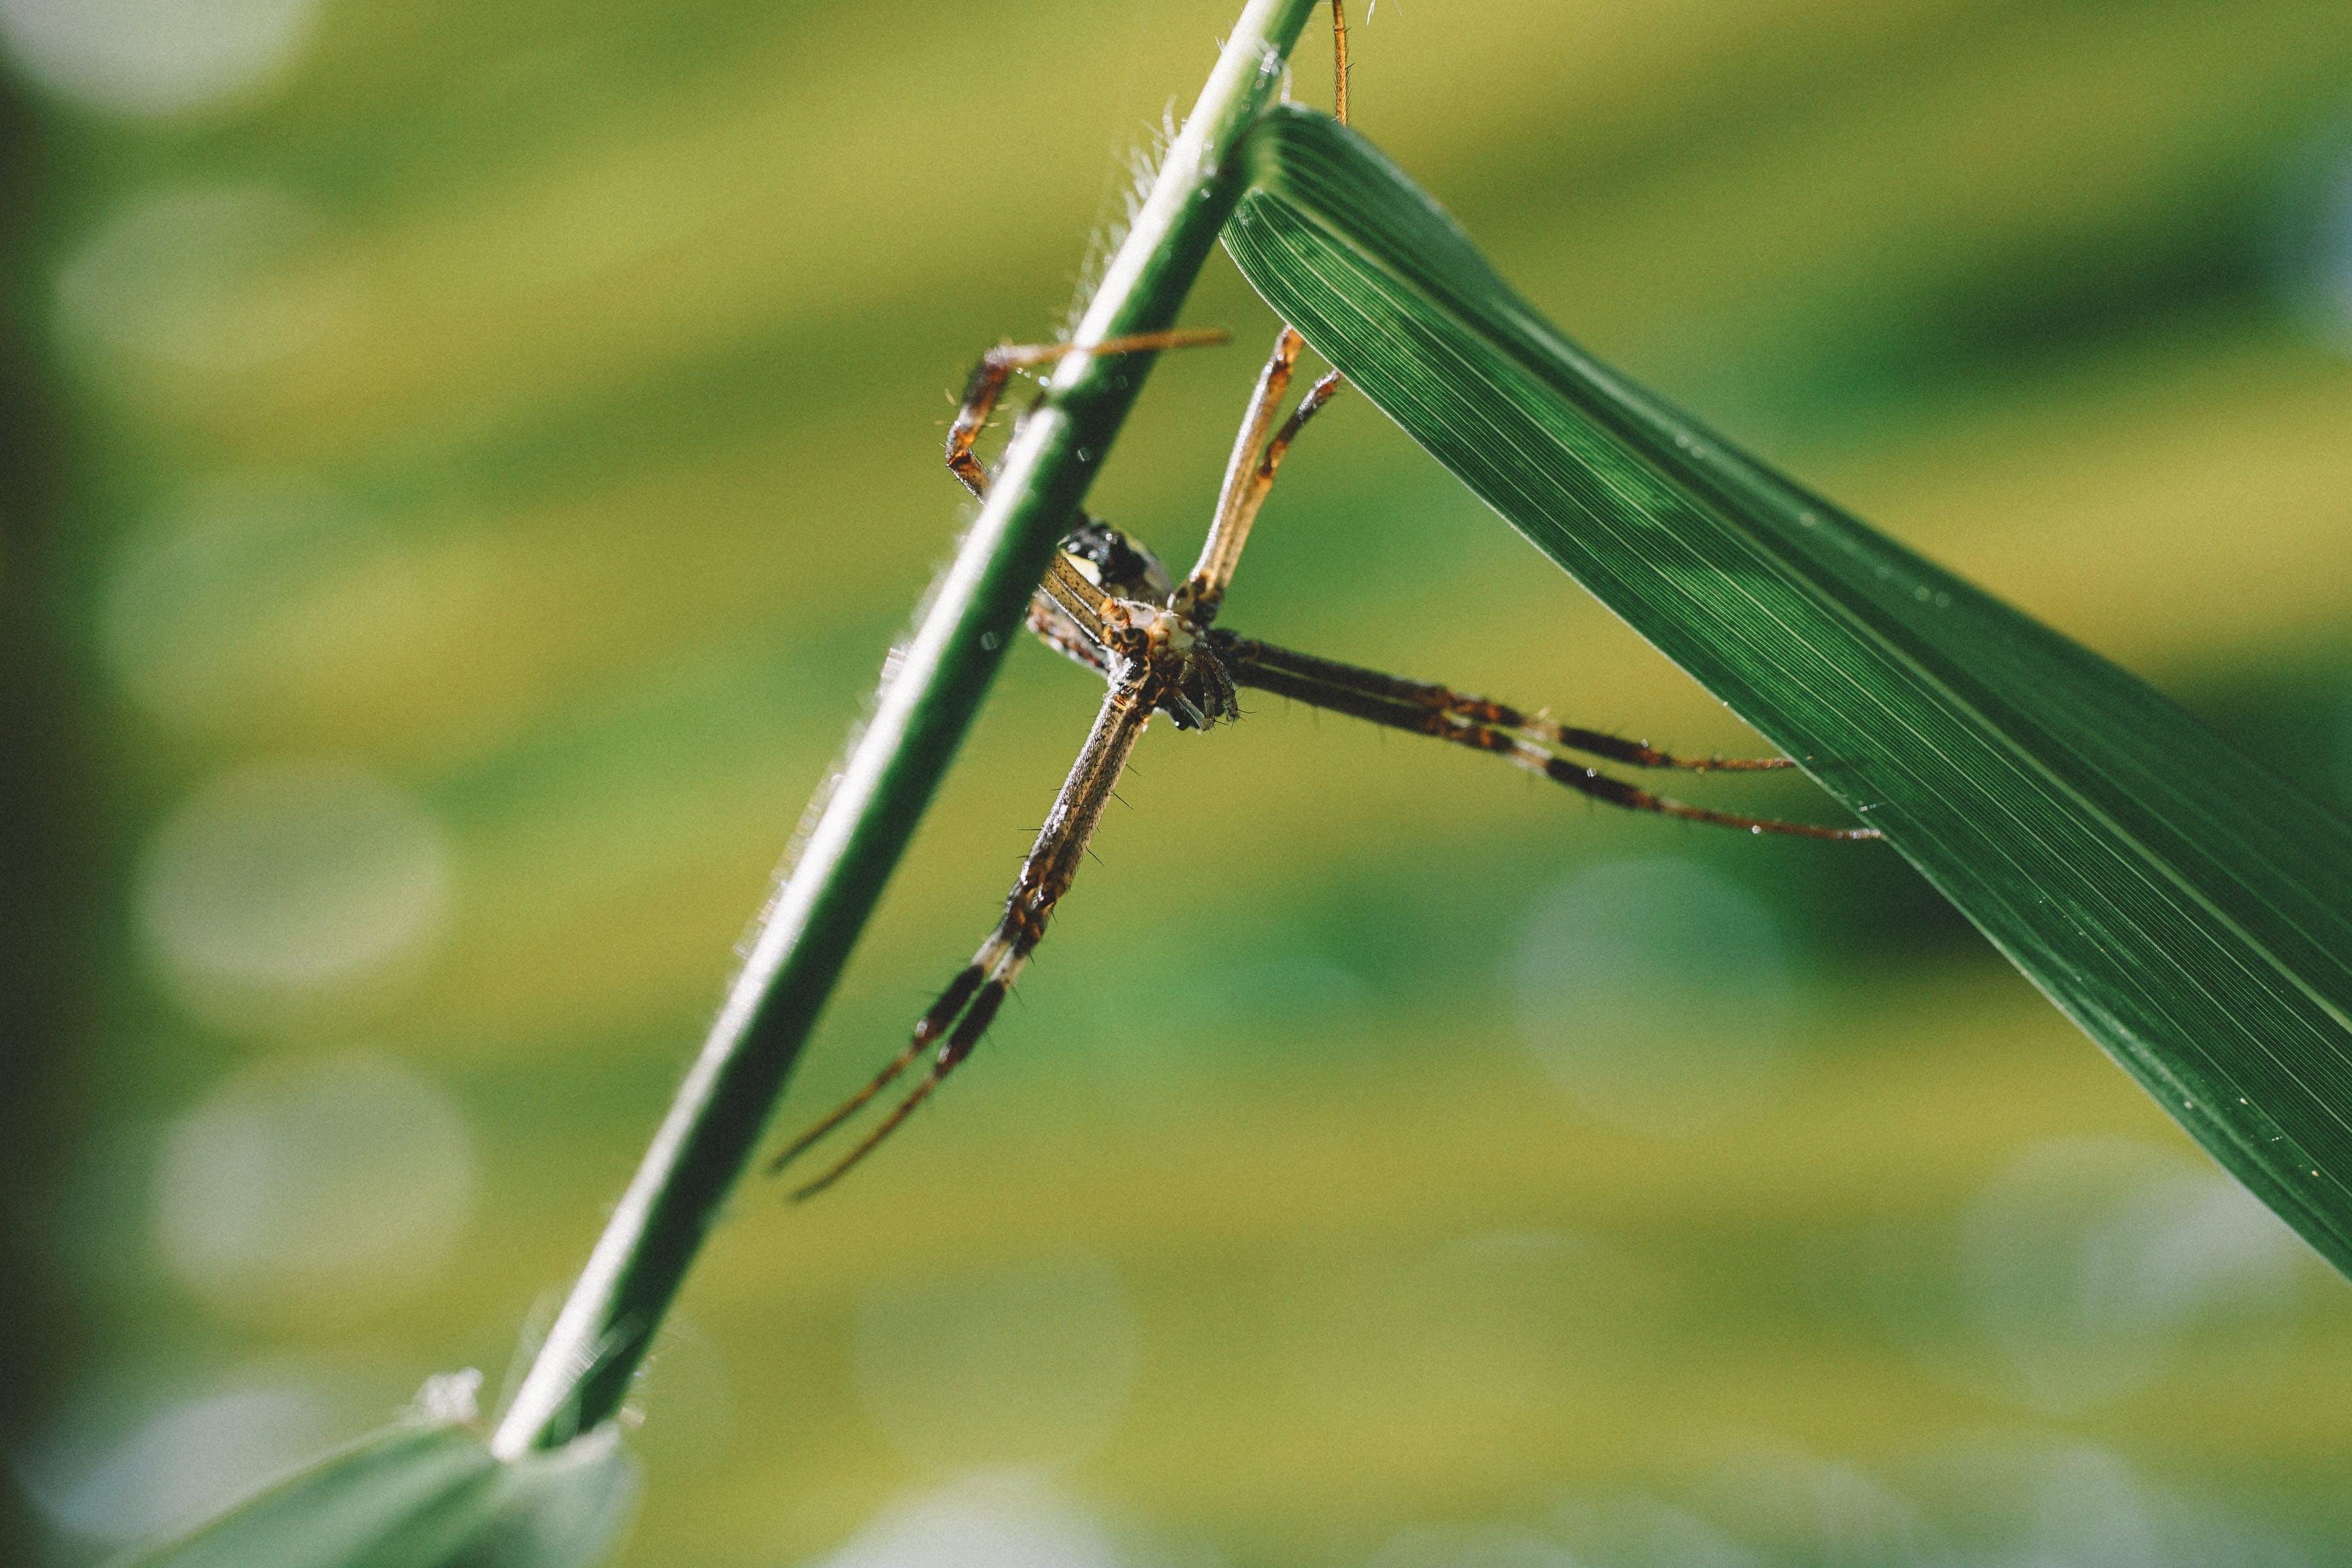 거미, 거미류, 매크로, 식물의 무료 스톡 사진